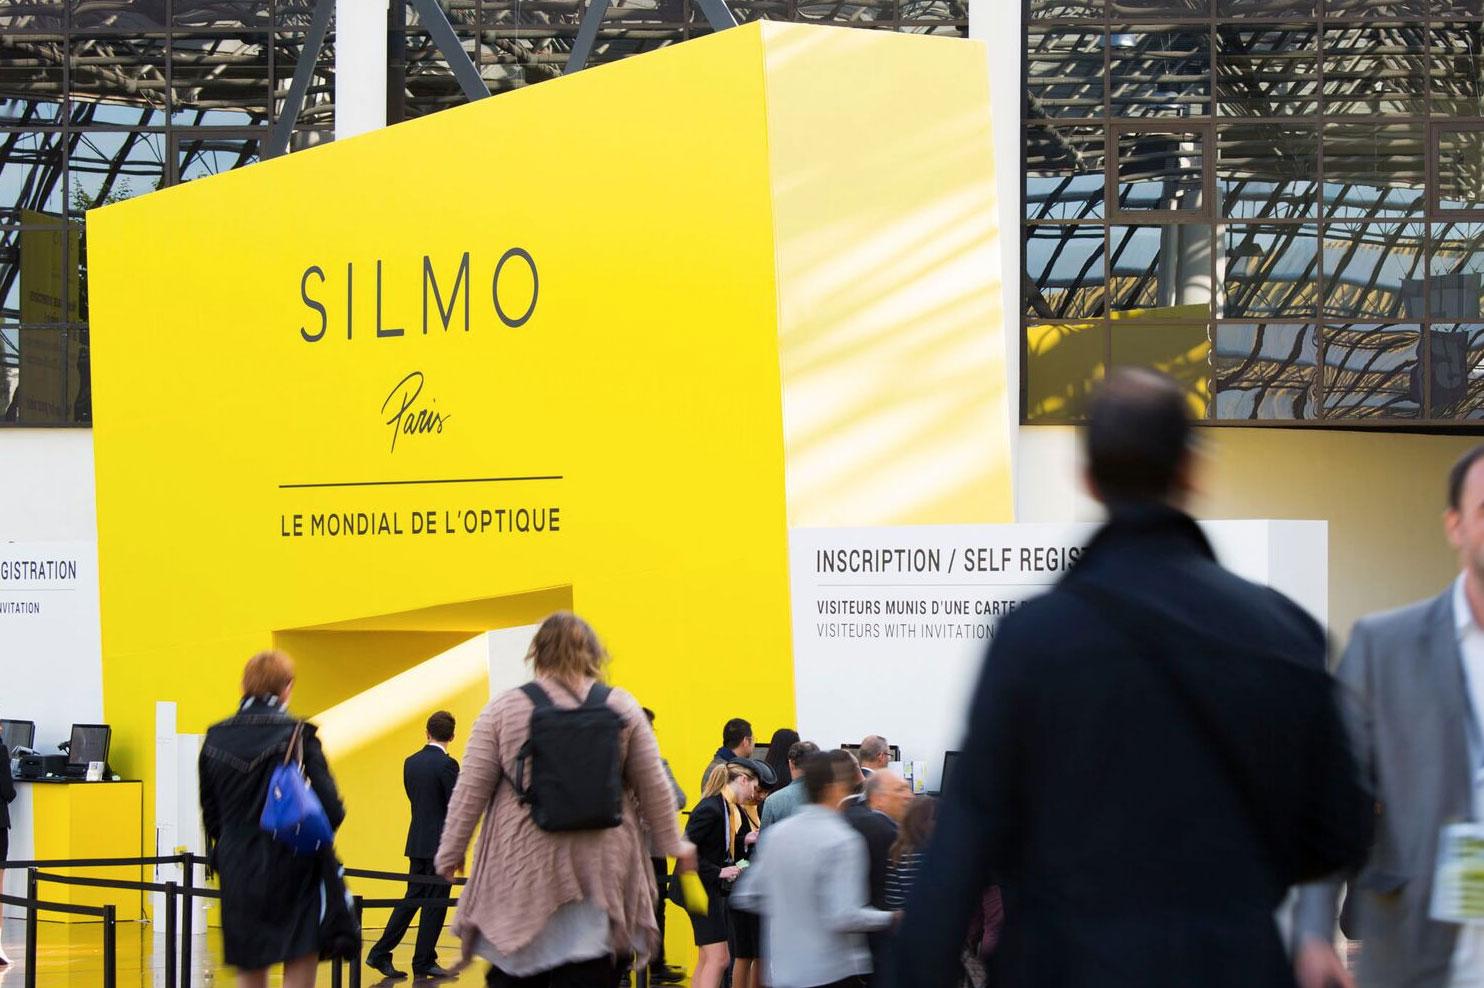 SILMO 2015